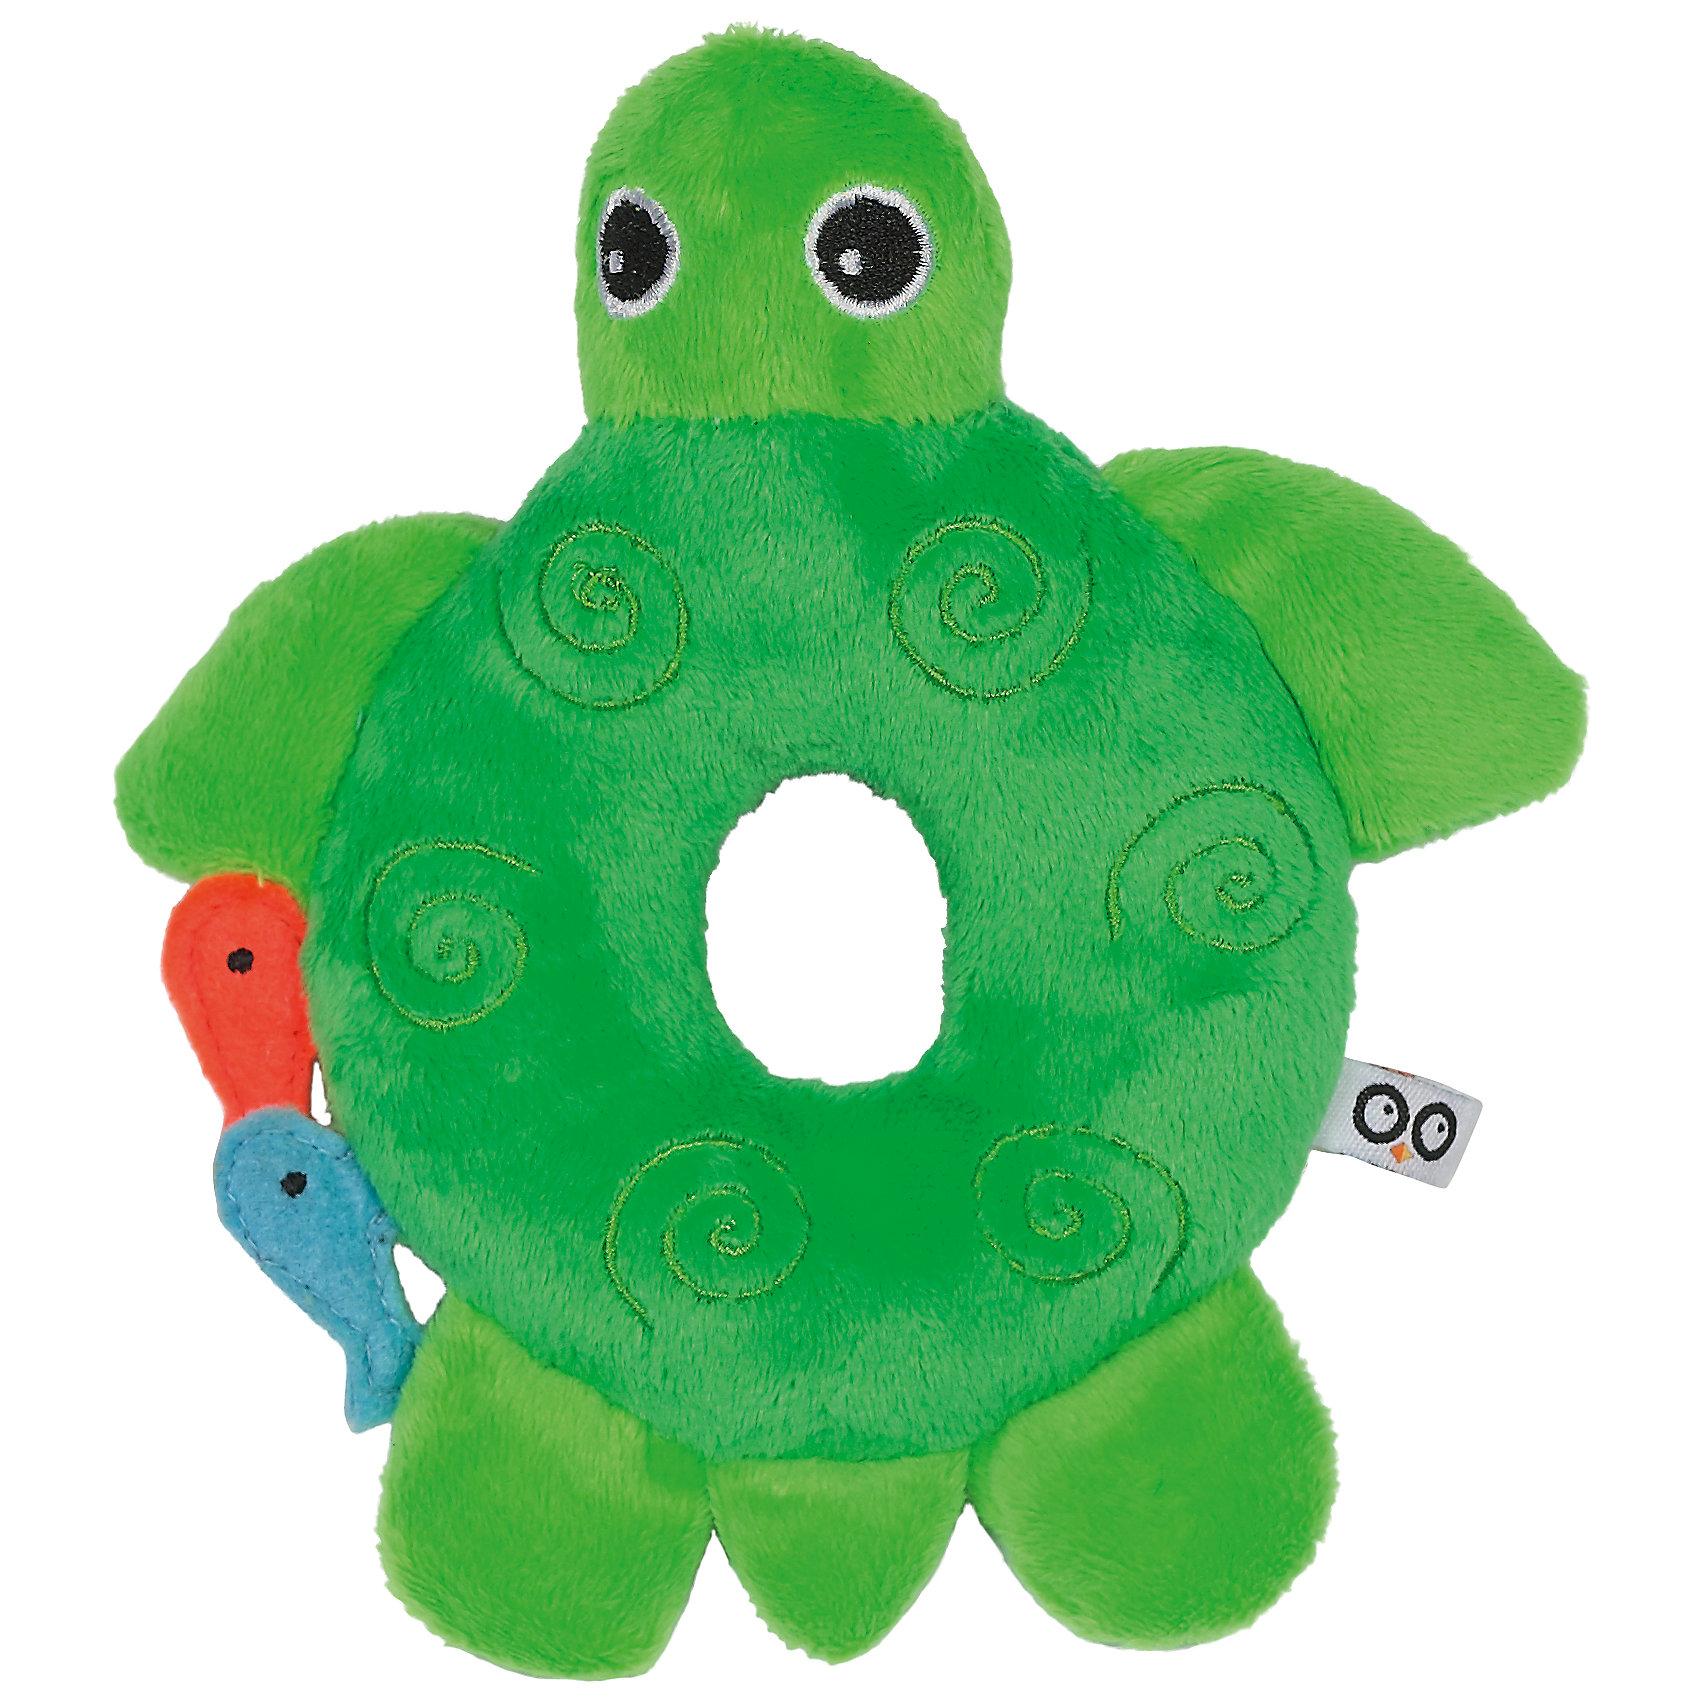 Погремушка Черепашка, Zoocchini, зелёныйПогремушки<br>Погремушка Черепашка, Zoocchini, зелёный.<br><br>Характеристики:<br><br>- Материал: полиэстер<br>- Цвет: зеленый<br>- Размер: 10х2,5х15 см.<br><br>Мягкая, приятная на ощупь погремушка в виде милой черепашки заставит вашего ребёнка улыбаться! Яркий цвет, приятный звук погремушки будут способствовать развитию слухового и цветового восприятия, мелкой моторики рук и концентрации внимания малыша. Погремушка Черепашка составит прекрасную пару одеялу с игрушкой Zoocchini.<br><br>Погремушку Черепашка, Zoocchini, зелёную можно купить в нашем интернет-магазине.<br><br>Ширина мм: 120<br>Глубина мм: 75<br>Высота мм: 205<br>Вес г: 72<br>Возраст от месяцев: 0<br>Возраст до месяцев: 12<br>Пол: Унисекс<br>Возраст: Детский<br>SKU: 5392933